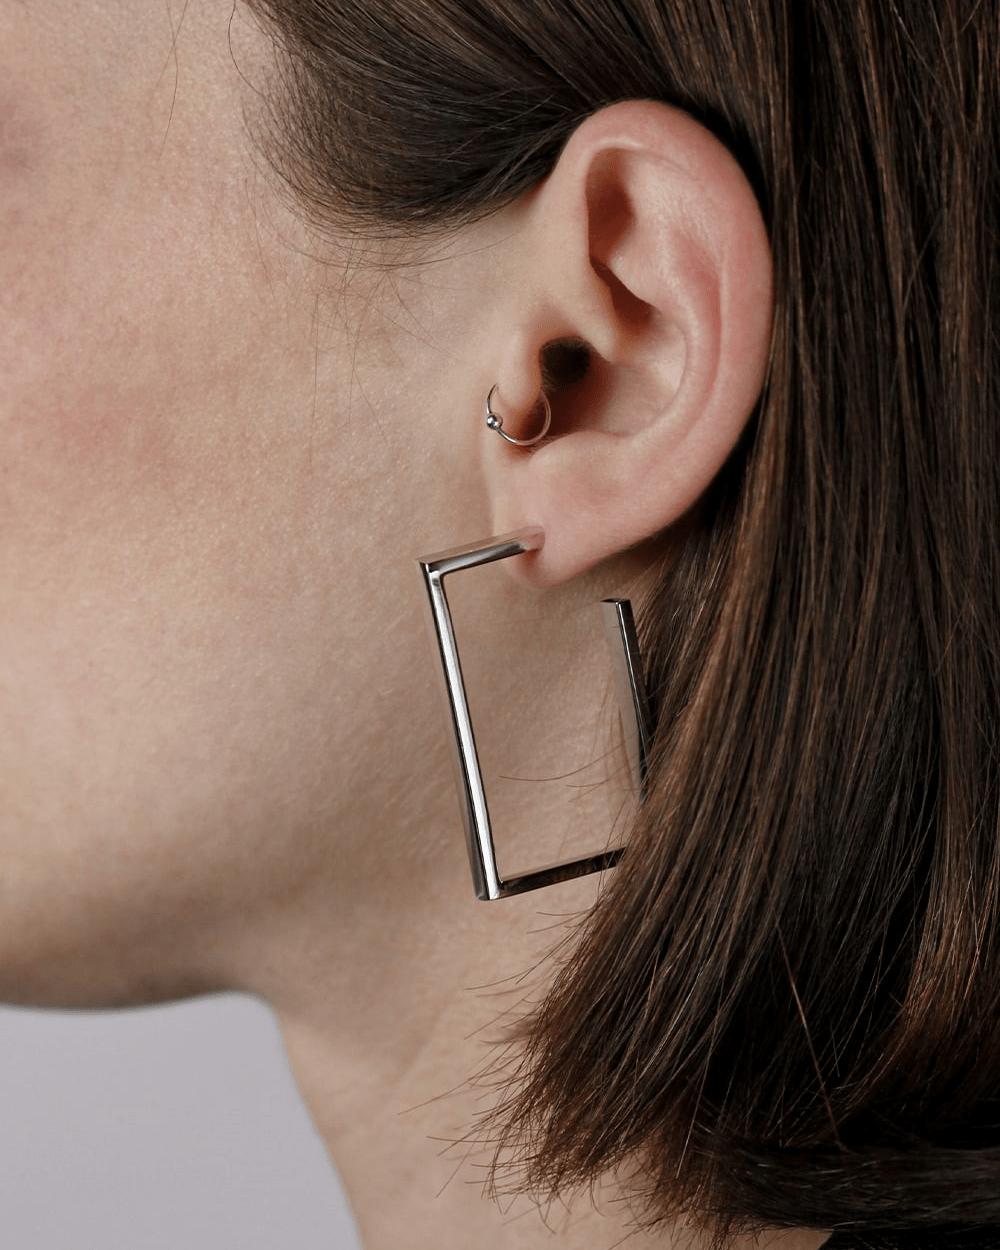 Earrings RECTANGULAR OPEN HOOP PAIR EARRINGS NOVE25